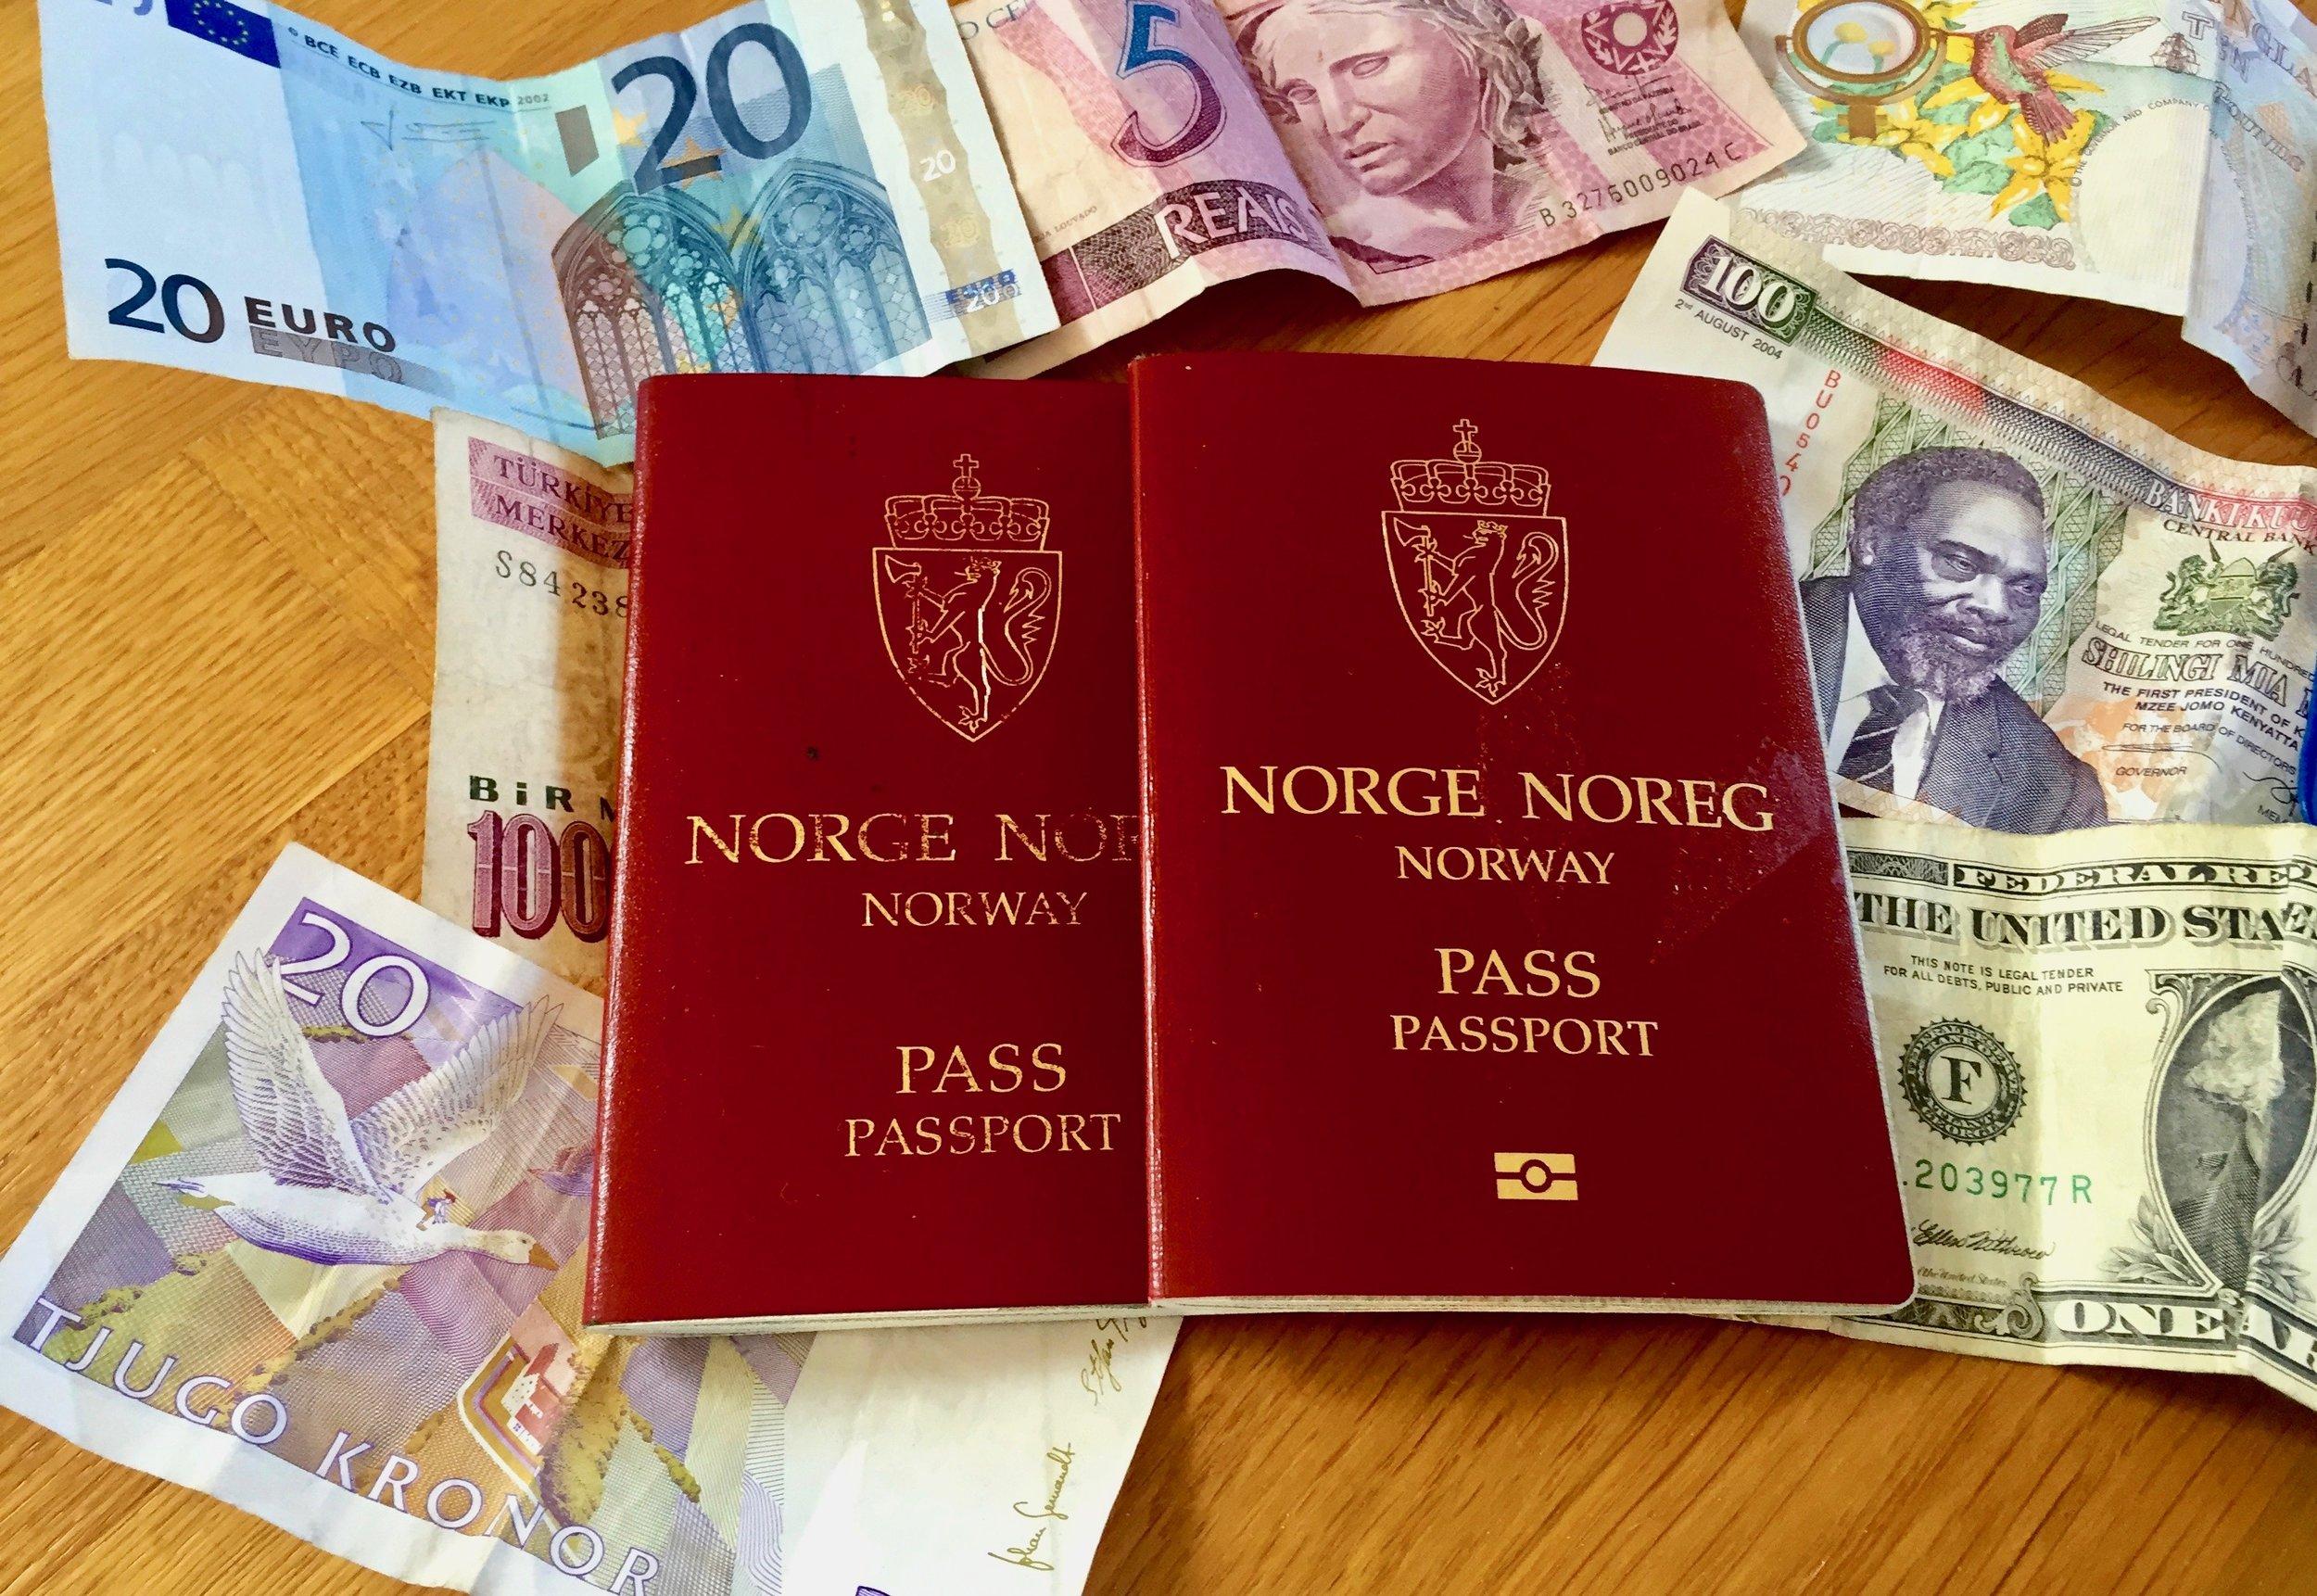 Norge trenger flere utenlandske gjester. Men ikke å sende pengene motsatt veg. Foto: Odd Roar Lange